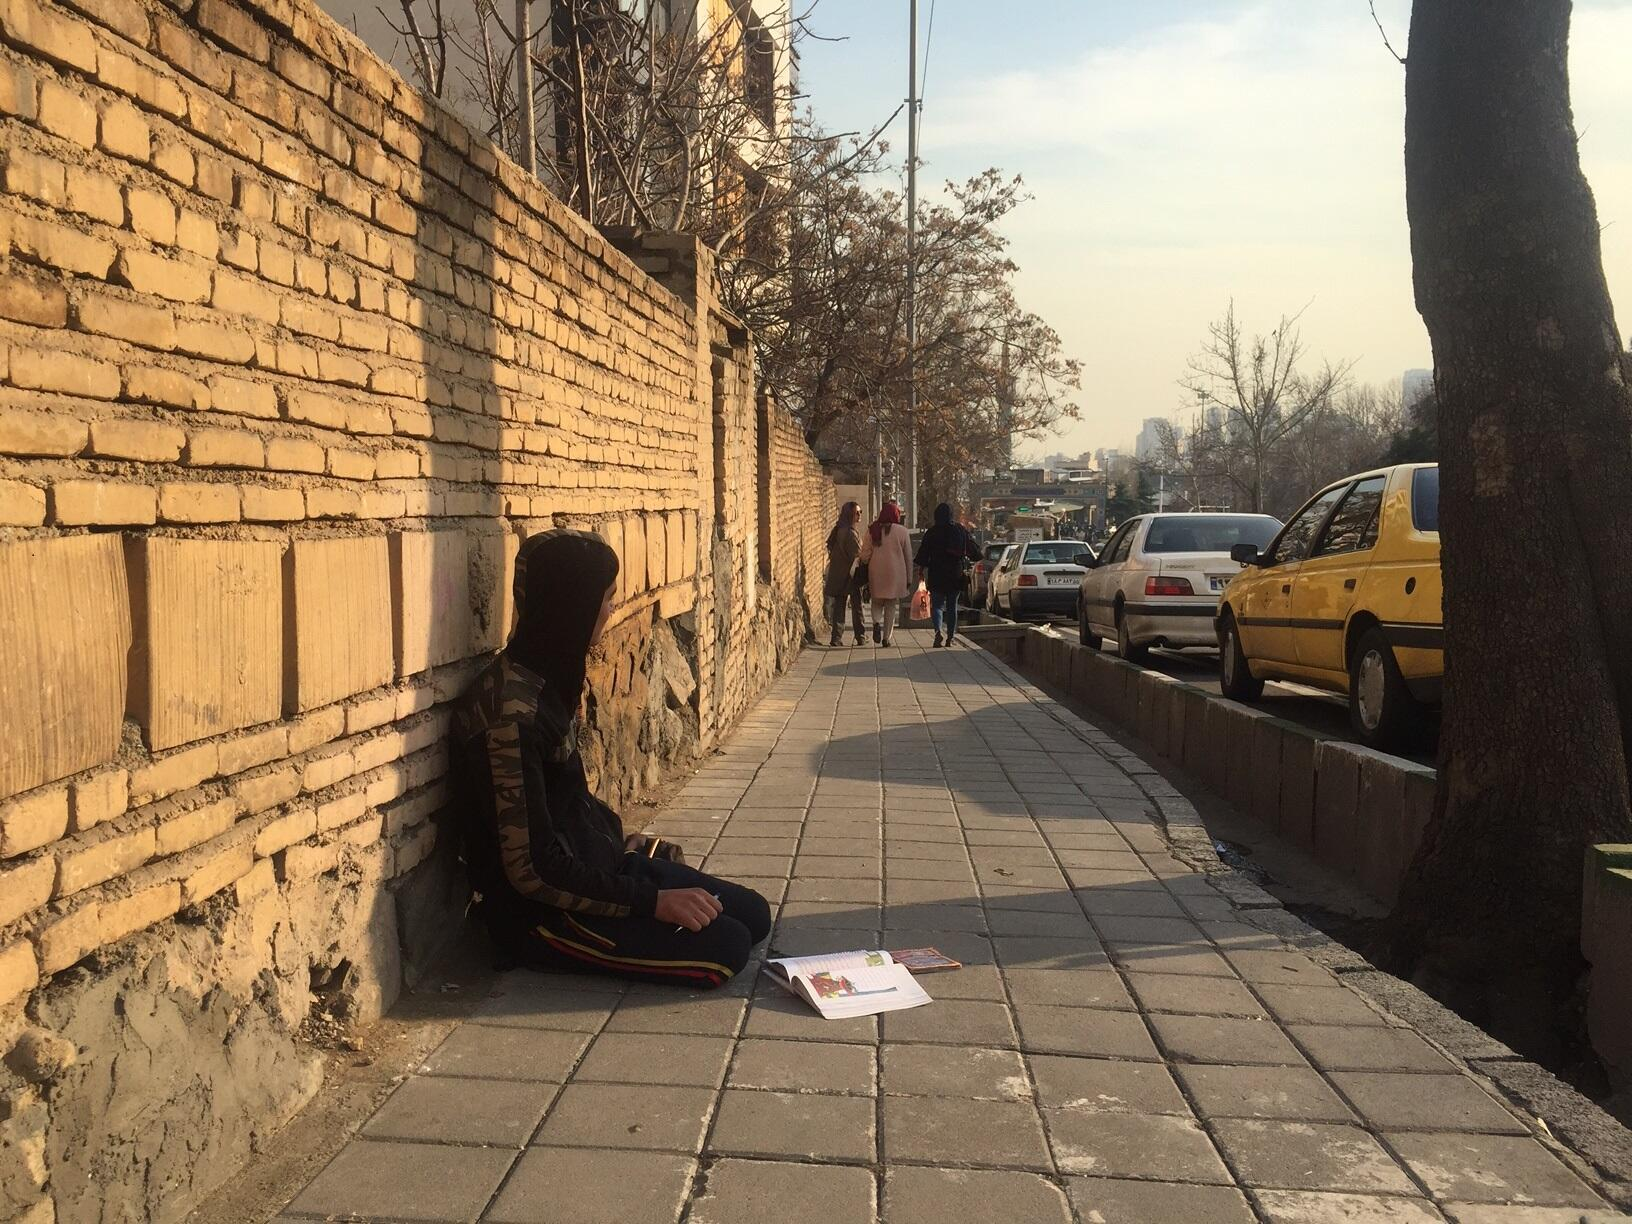 Un enfant dans une rue de Téhéran.